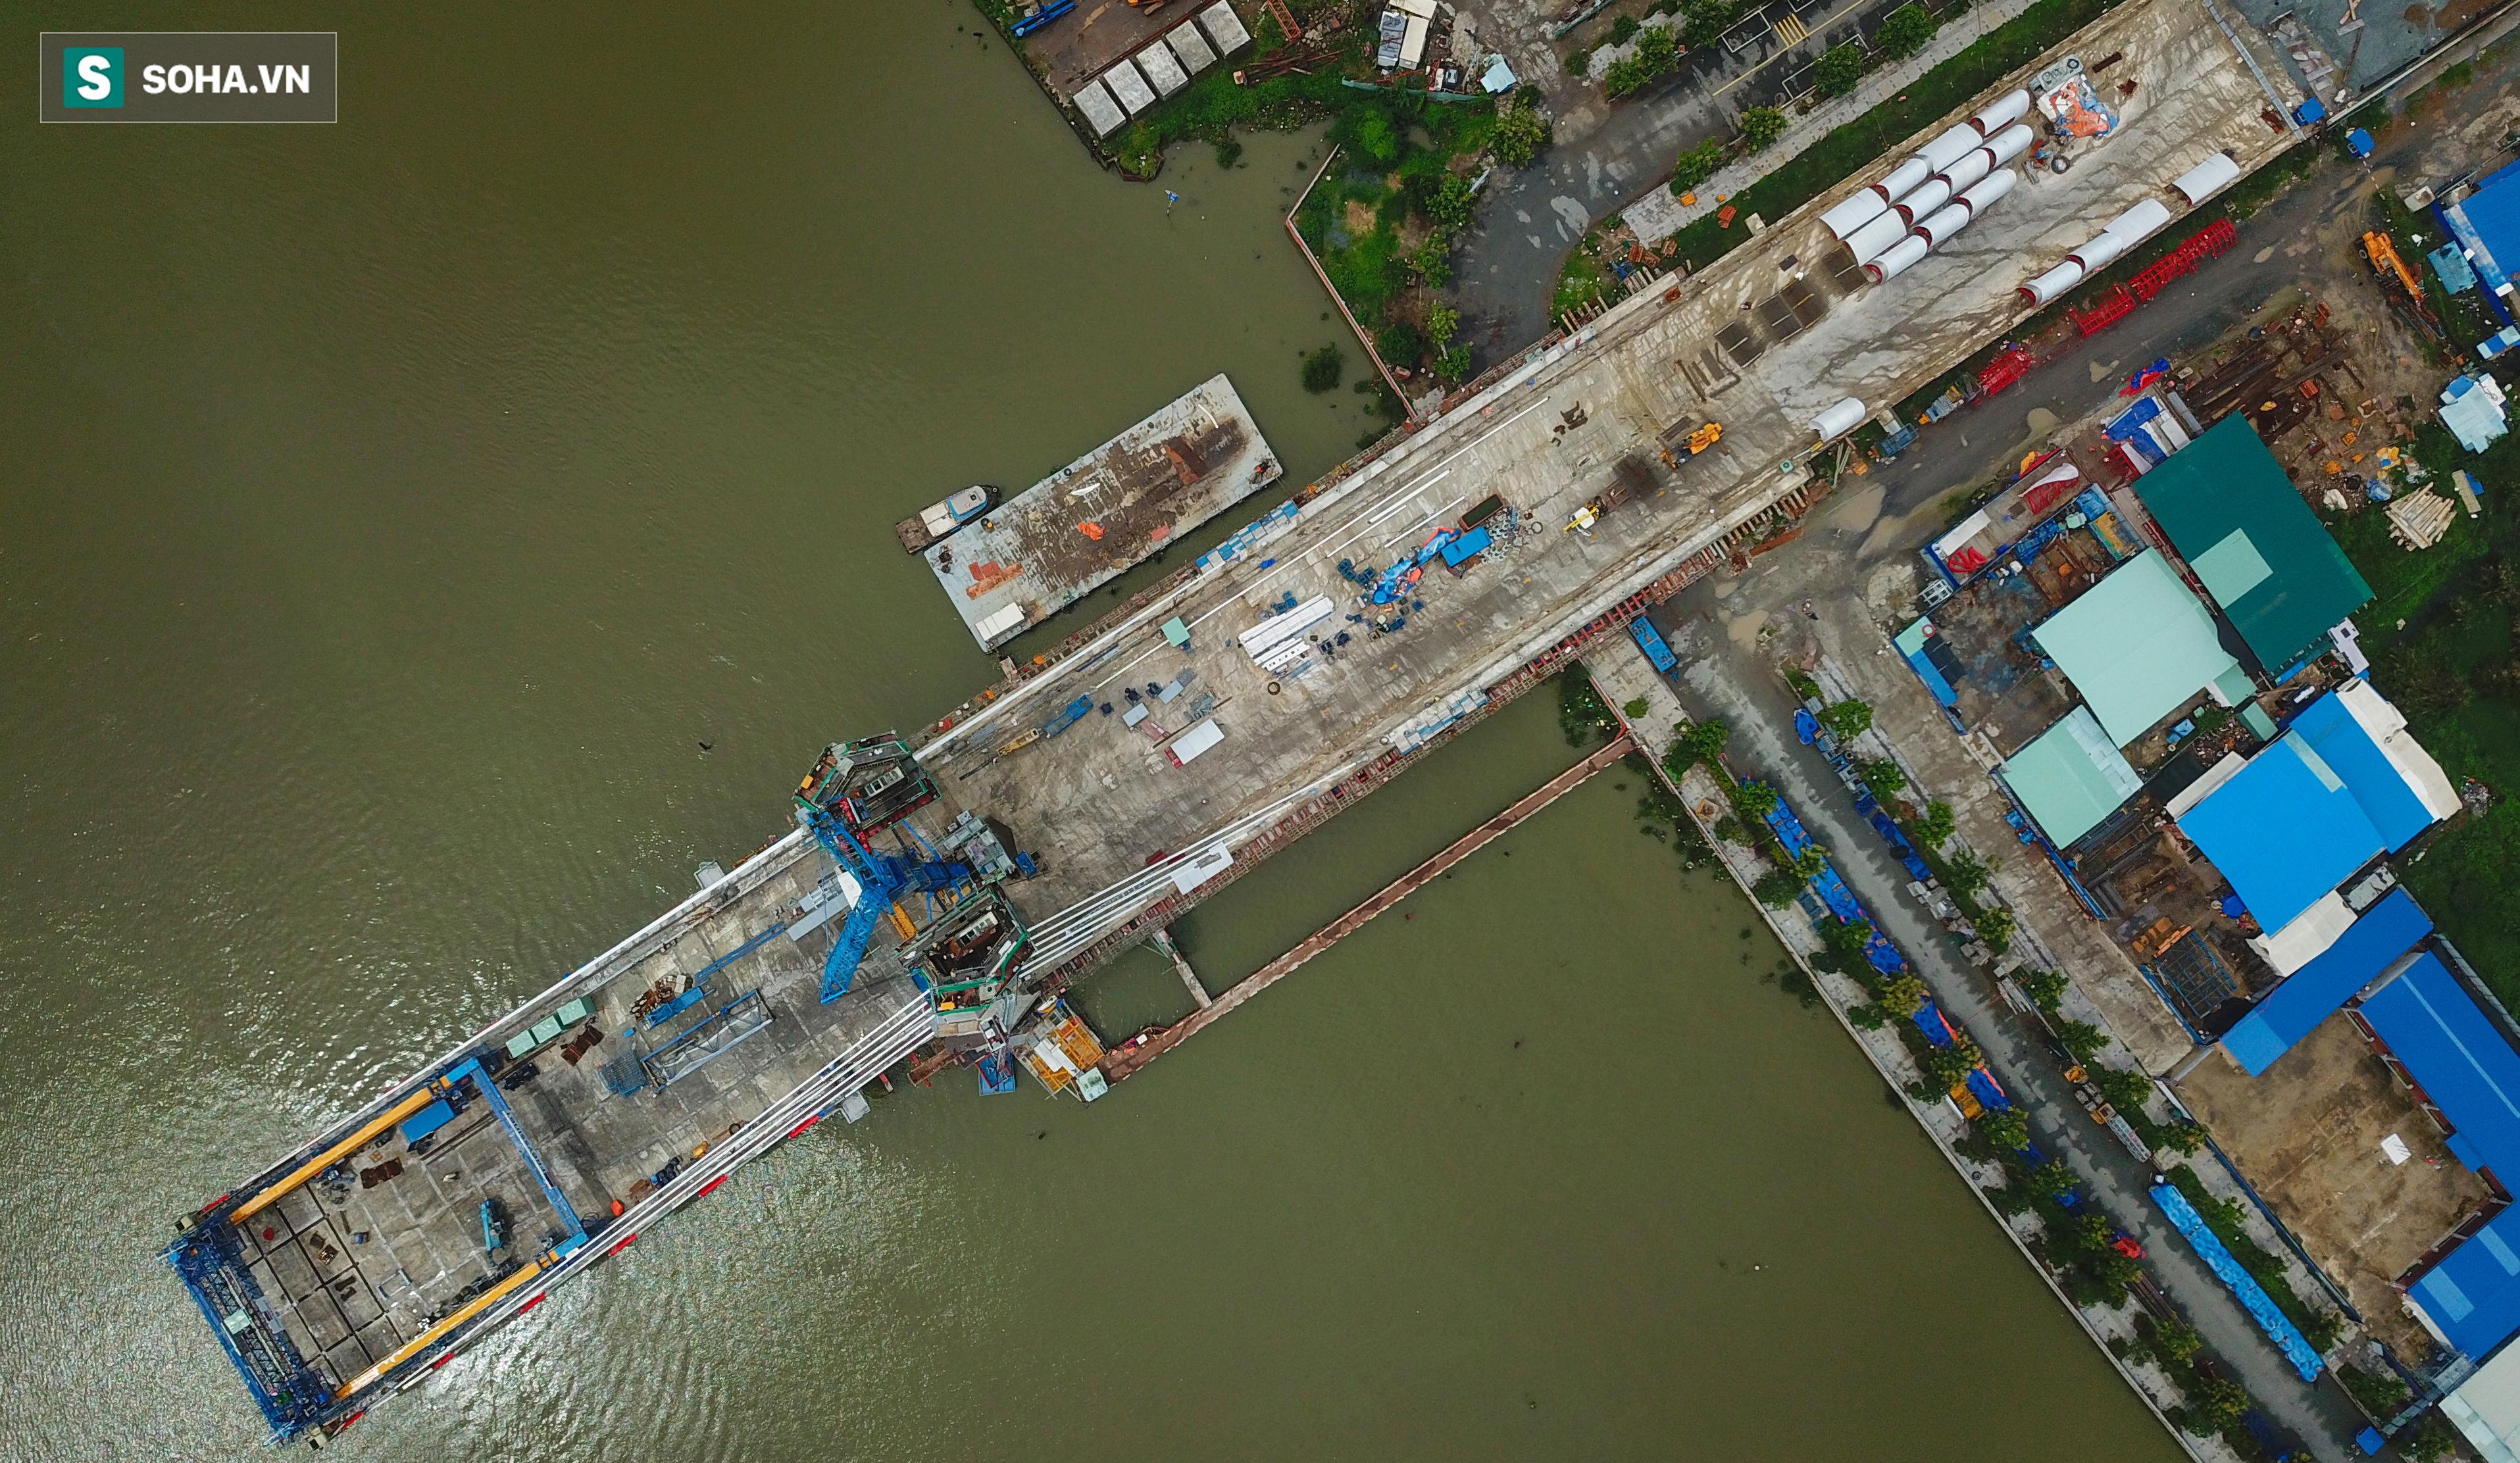 Cầu Thủ Thiêm 2 vươn mình ra sông Sài Gòn, lộ hình dáng khi nhìn từ trên cao - Ảnh 3.